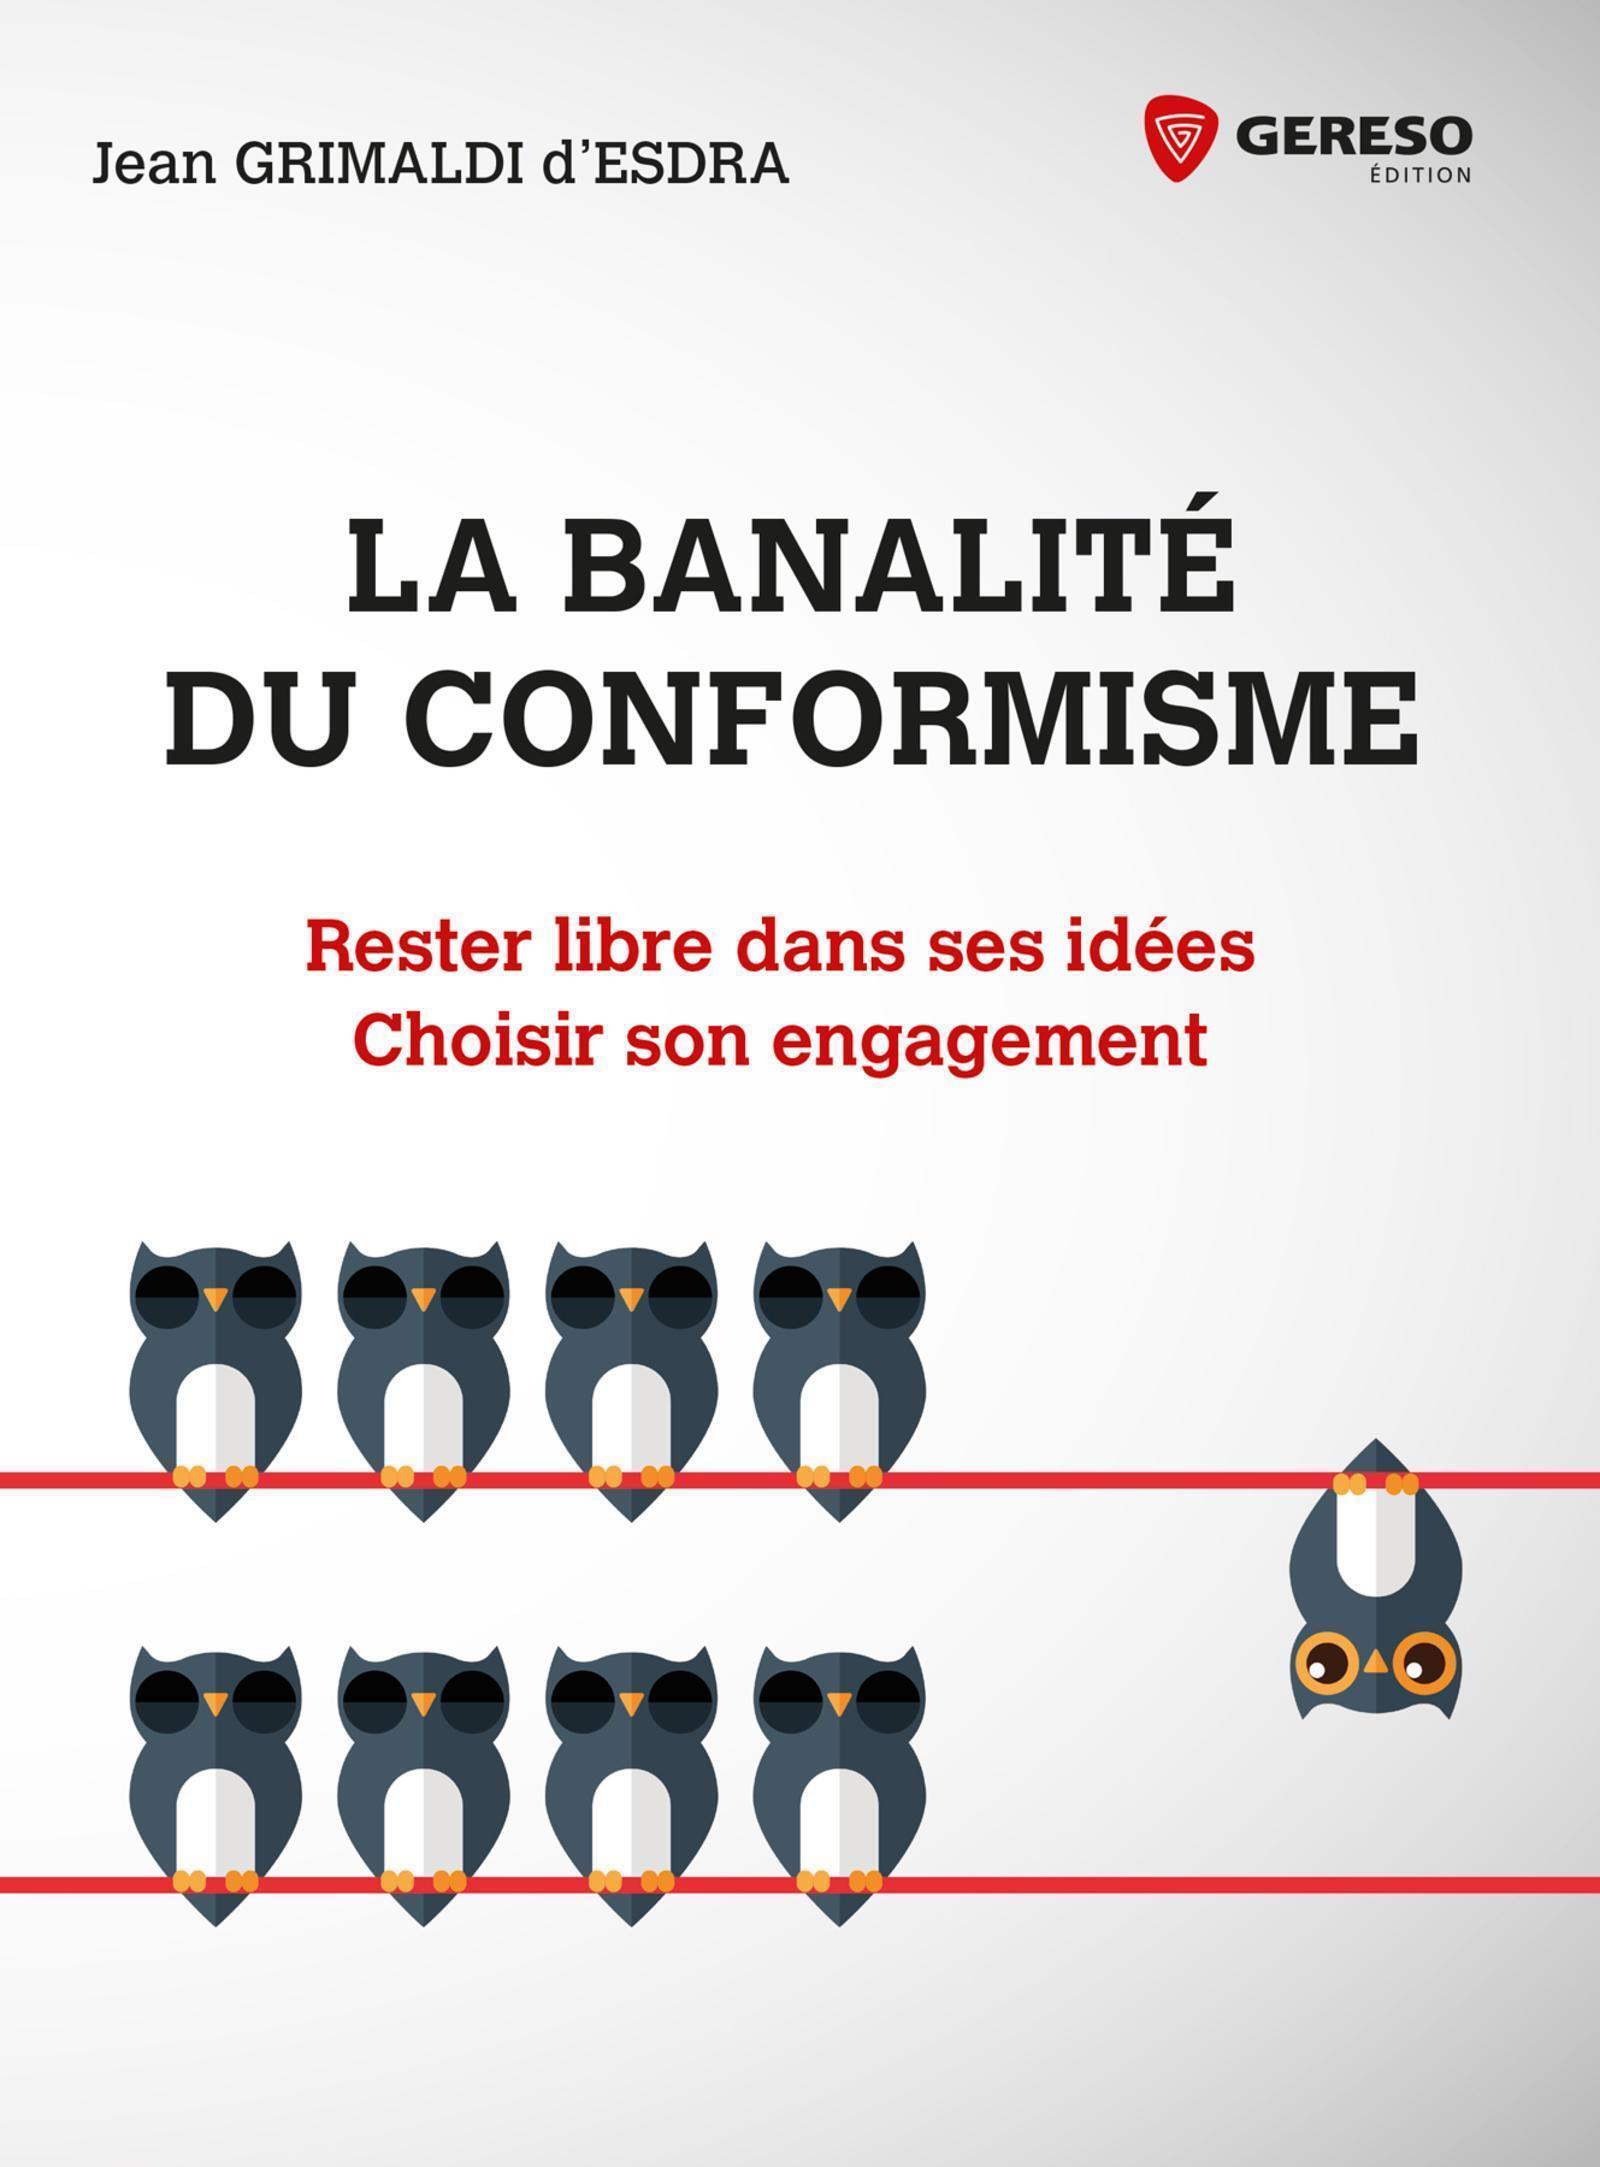 LA BANALITE DU CONFORMISME - RESTER LIBRE DANS SES IDEEES. CHOISIR SON ENGAGEMENT